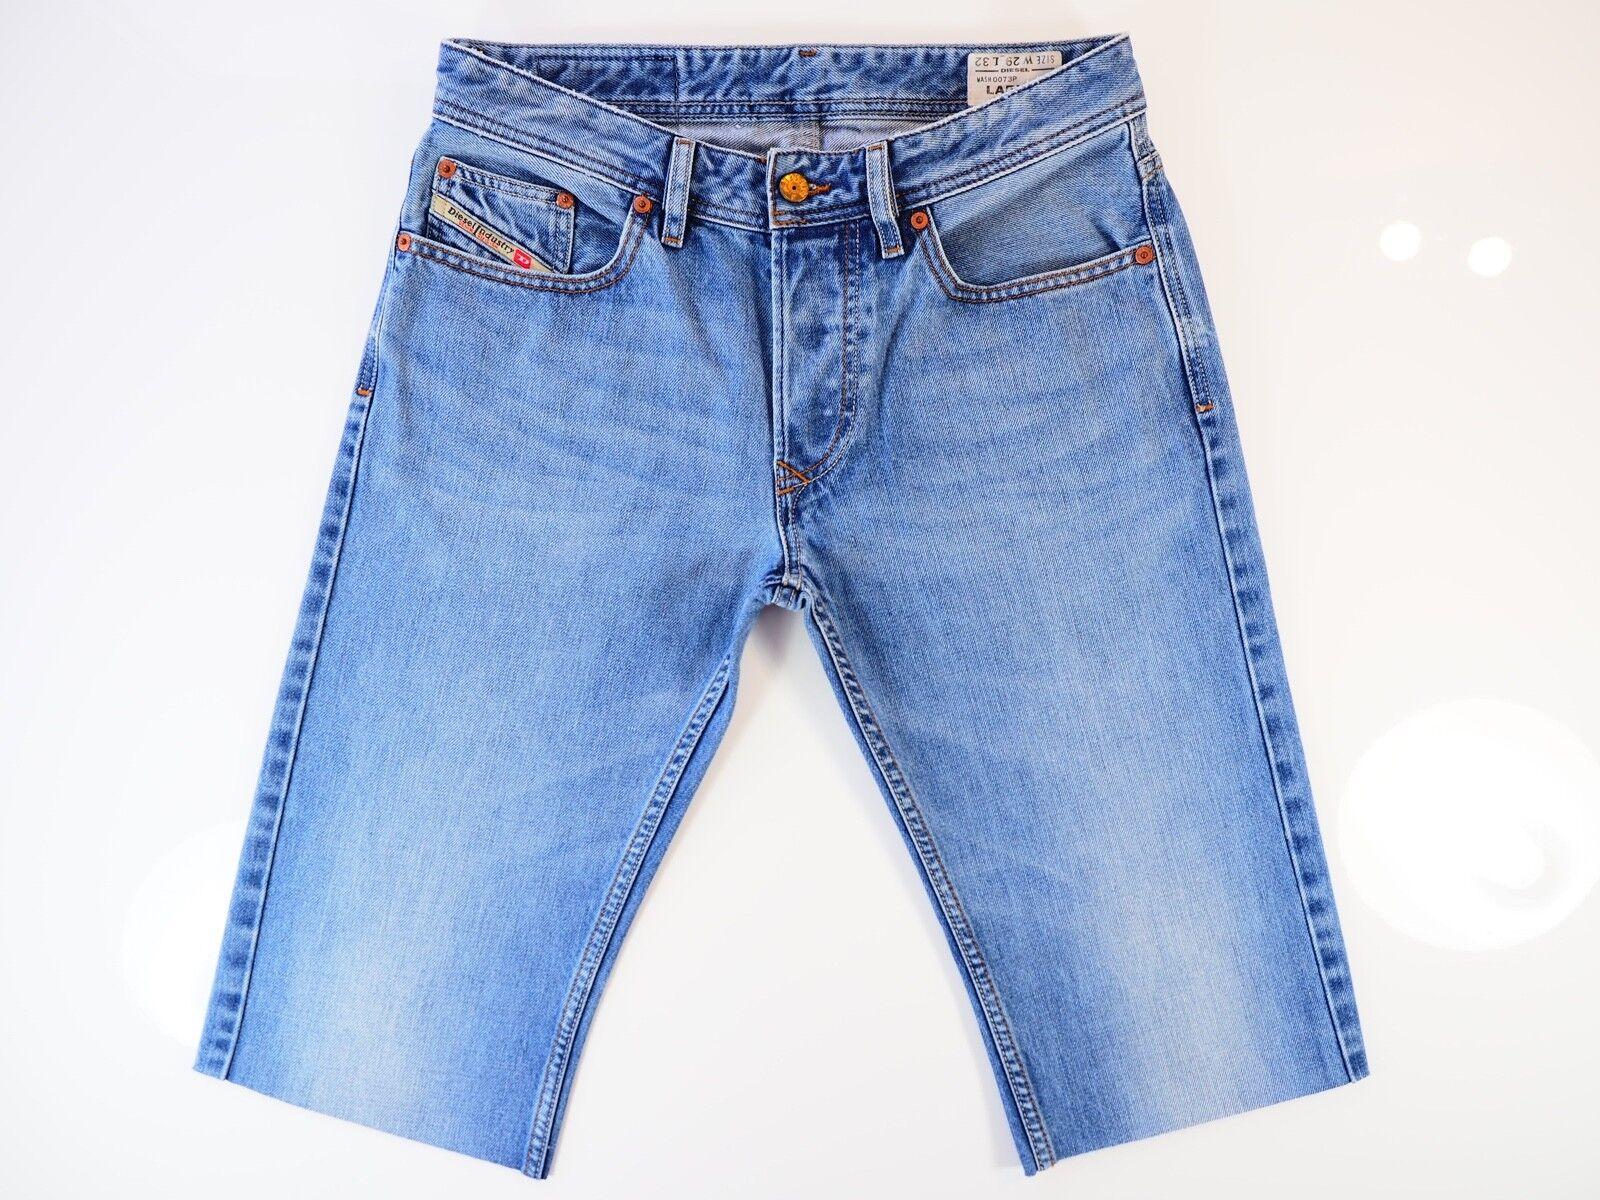 Diesel Larkee Jeans  Diesel Denim Shorts W29 Excellent Condition 0073P 29W